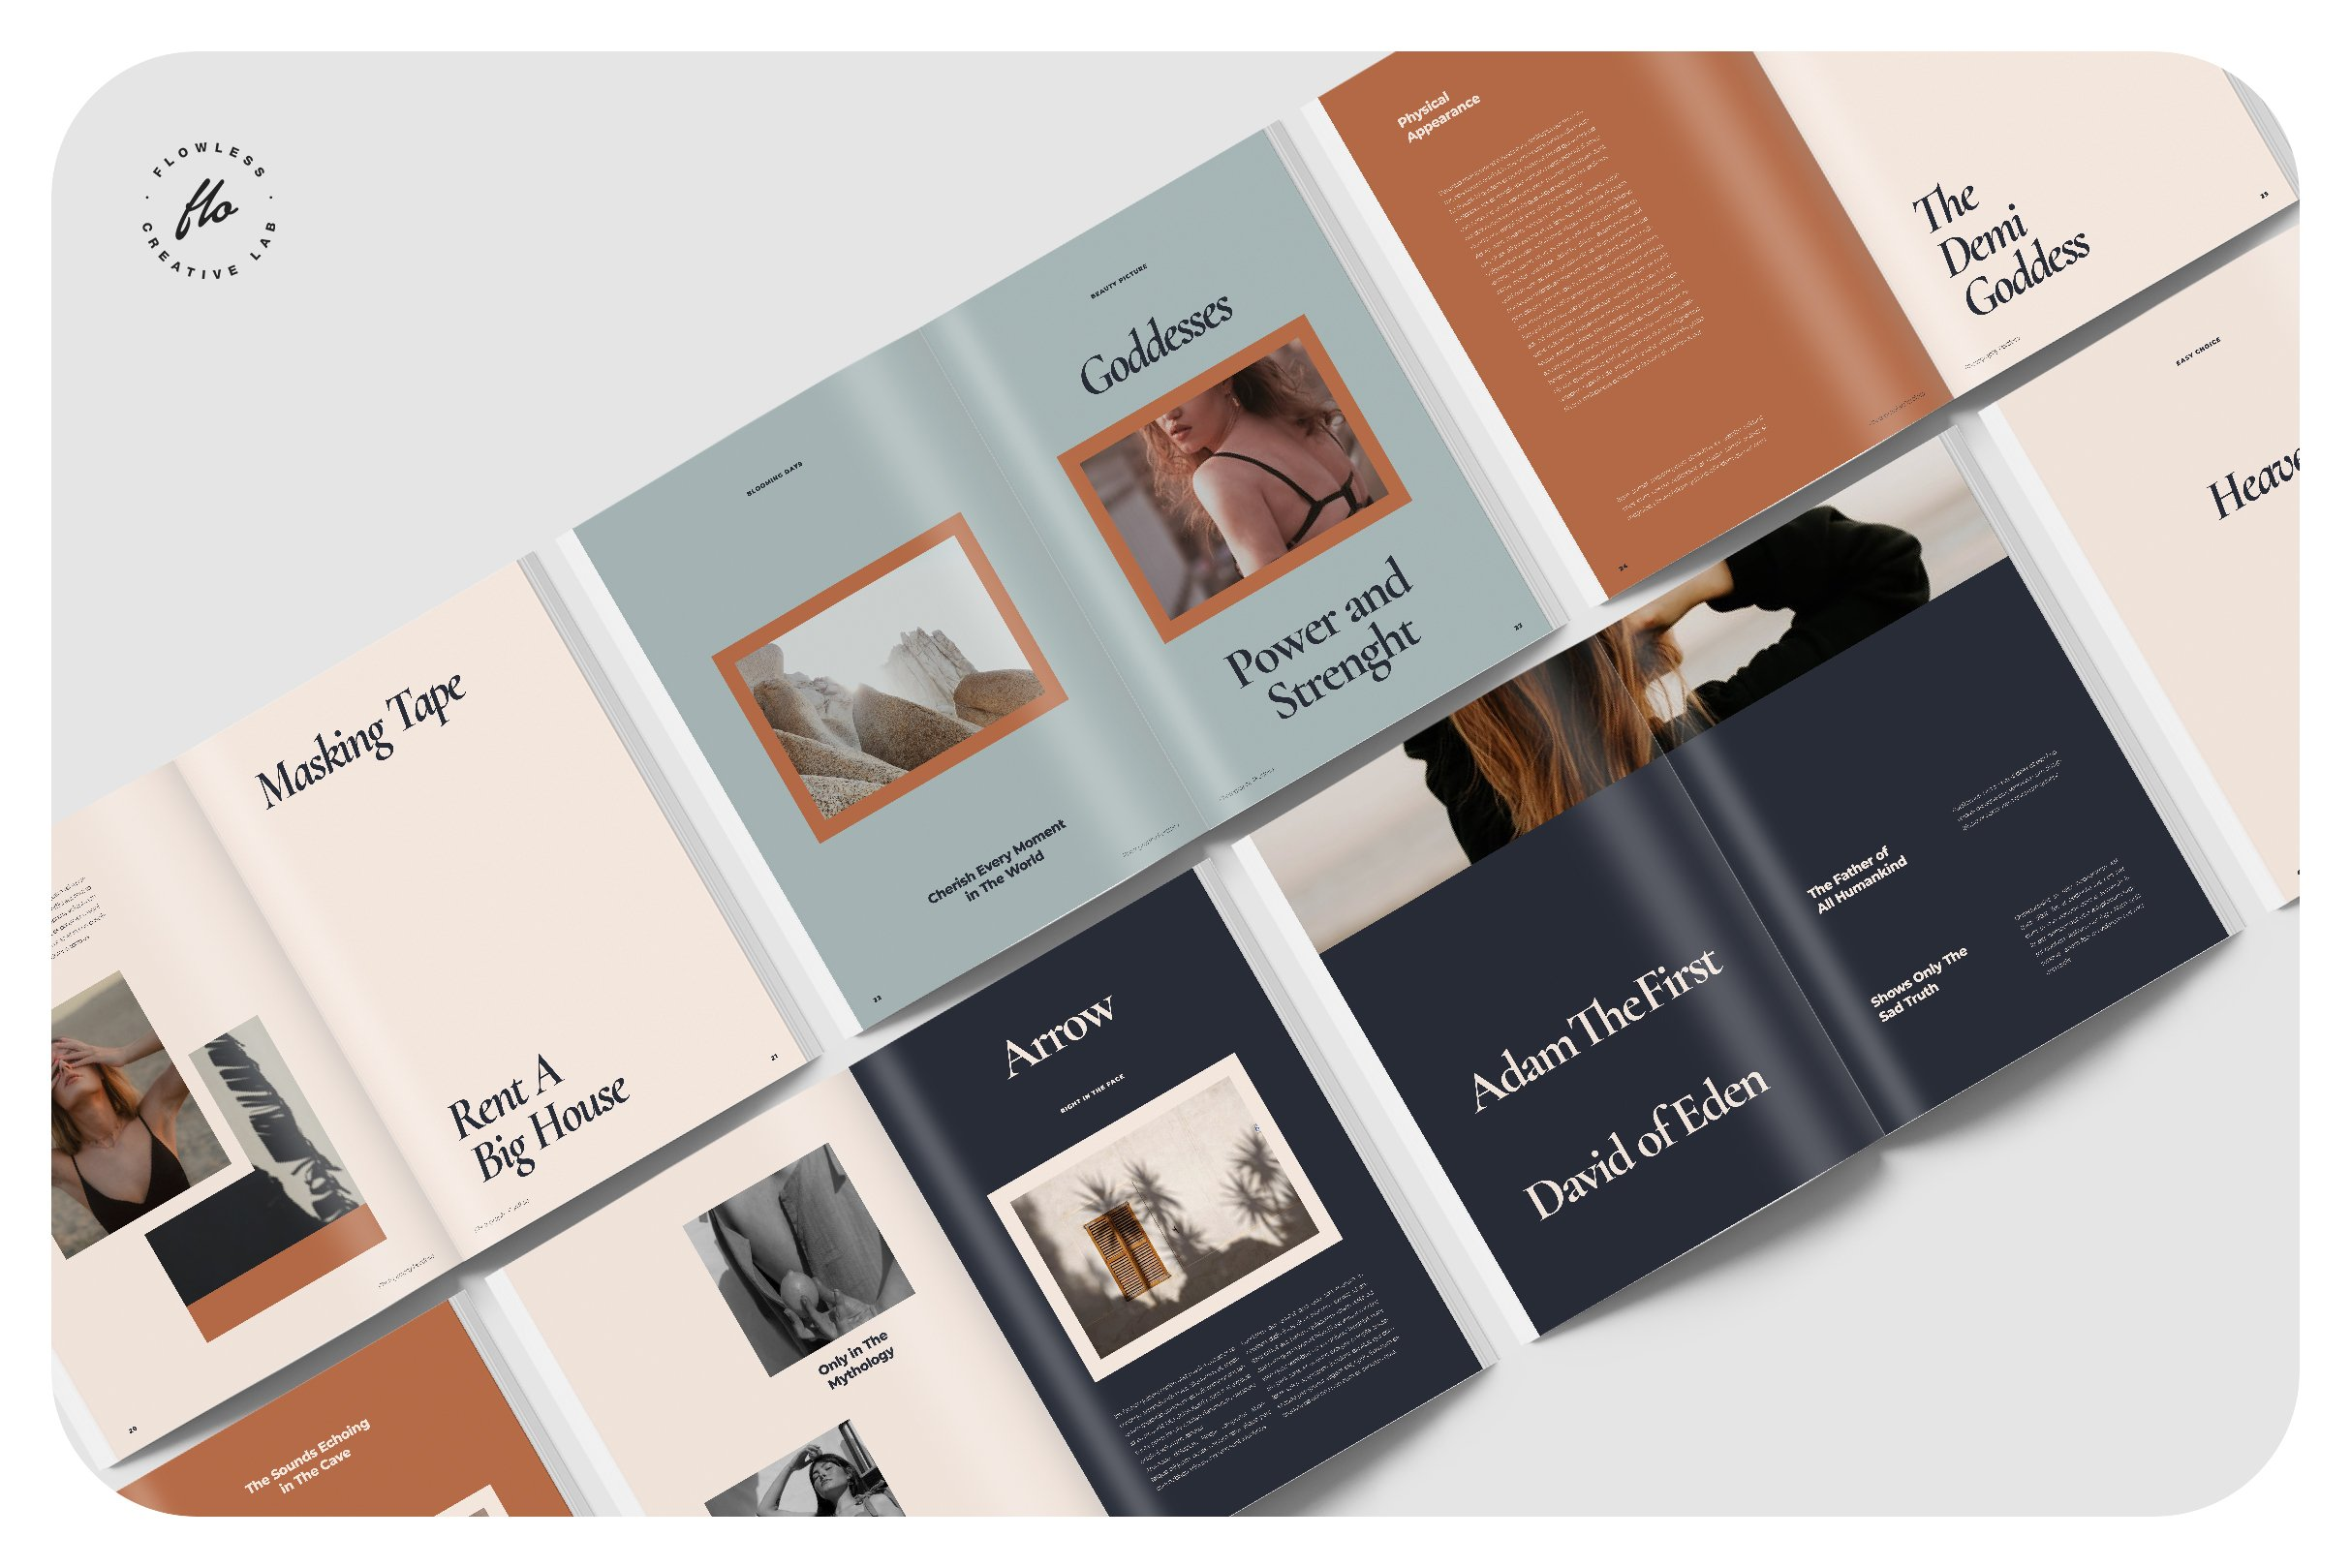 现代优雅摄影作品集图文排版设计INDD画册模板 BALLARD Photography Portfolio插图(4)